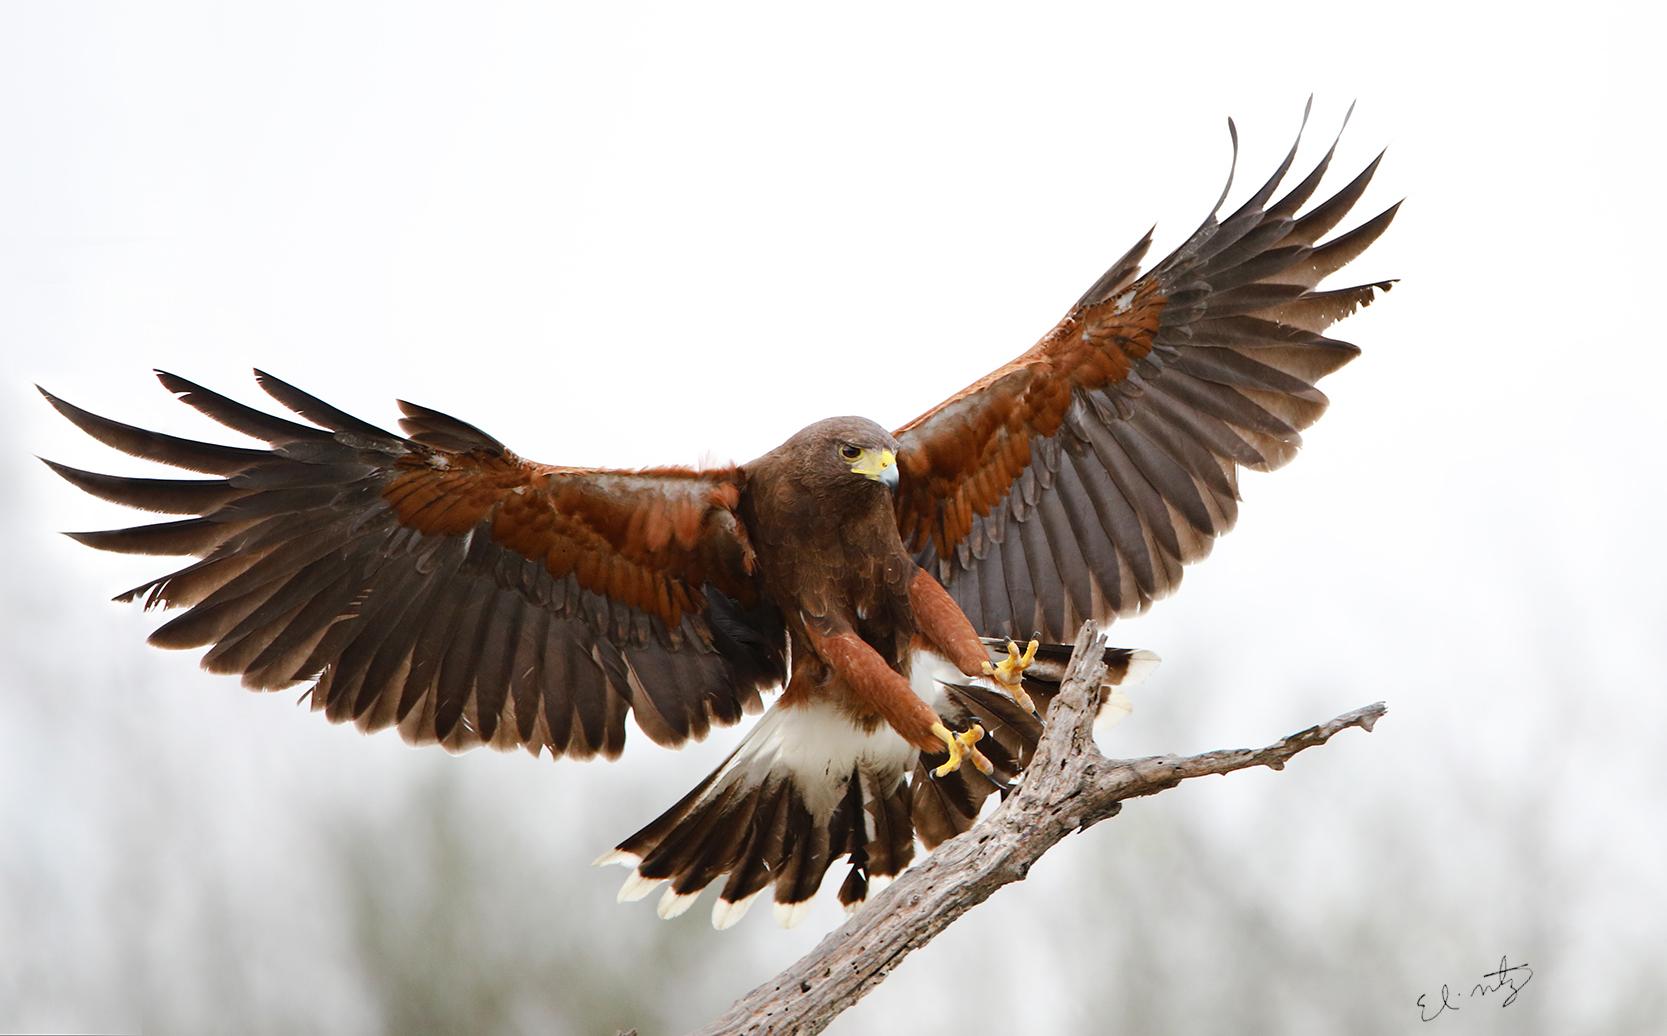 2. Harris Hawk